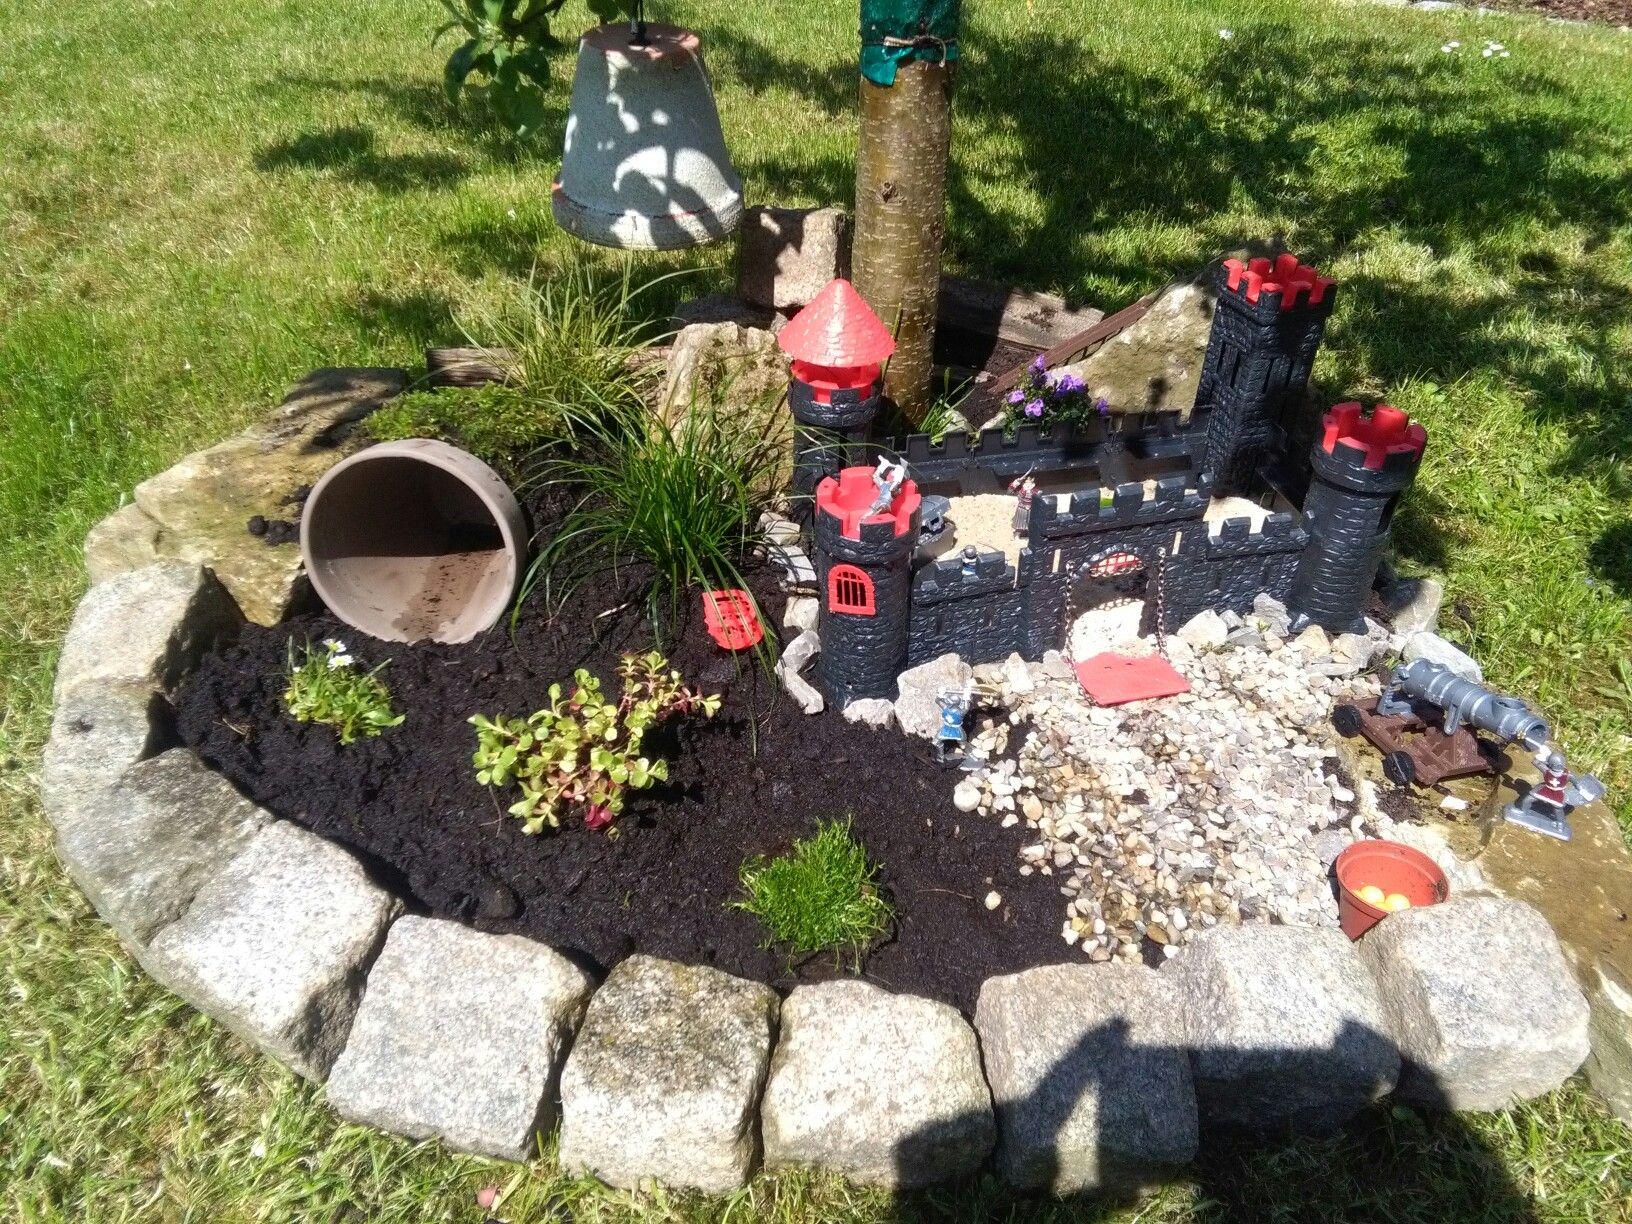 Einen Ritter Garten selbstgemacht Einfach Steine aussen rum und mit ...